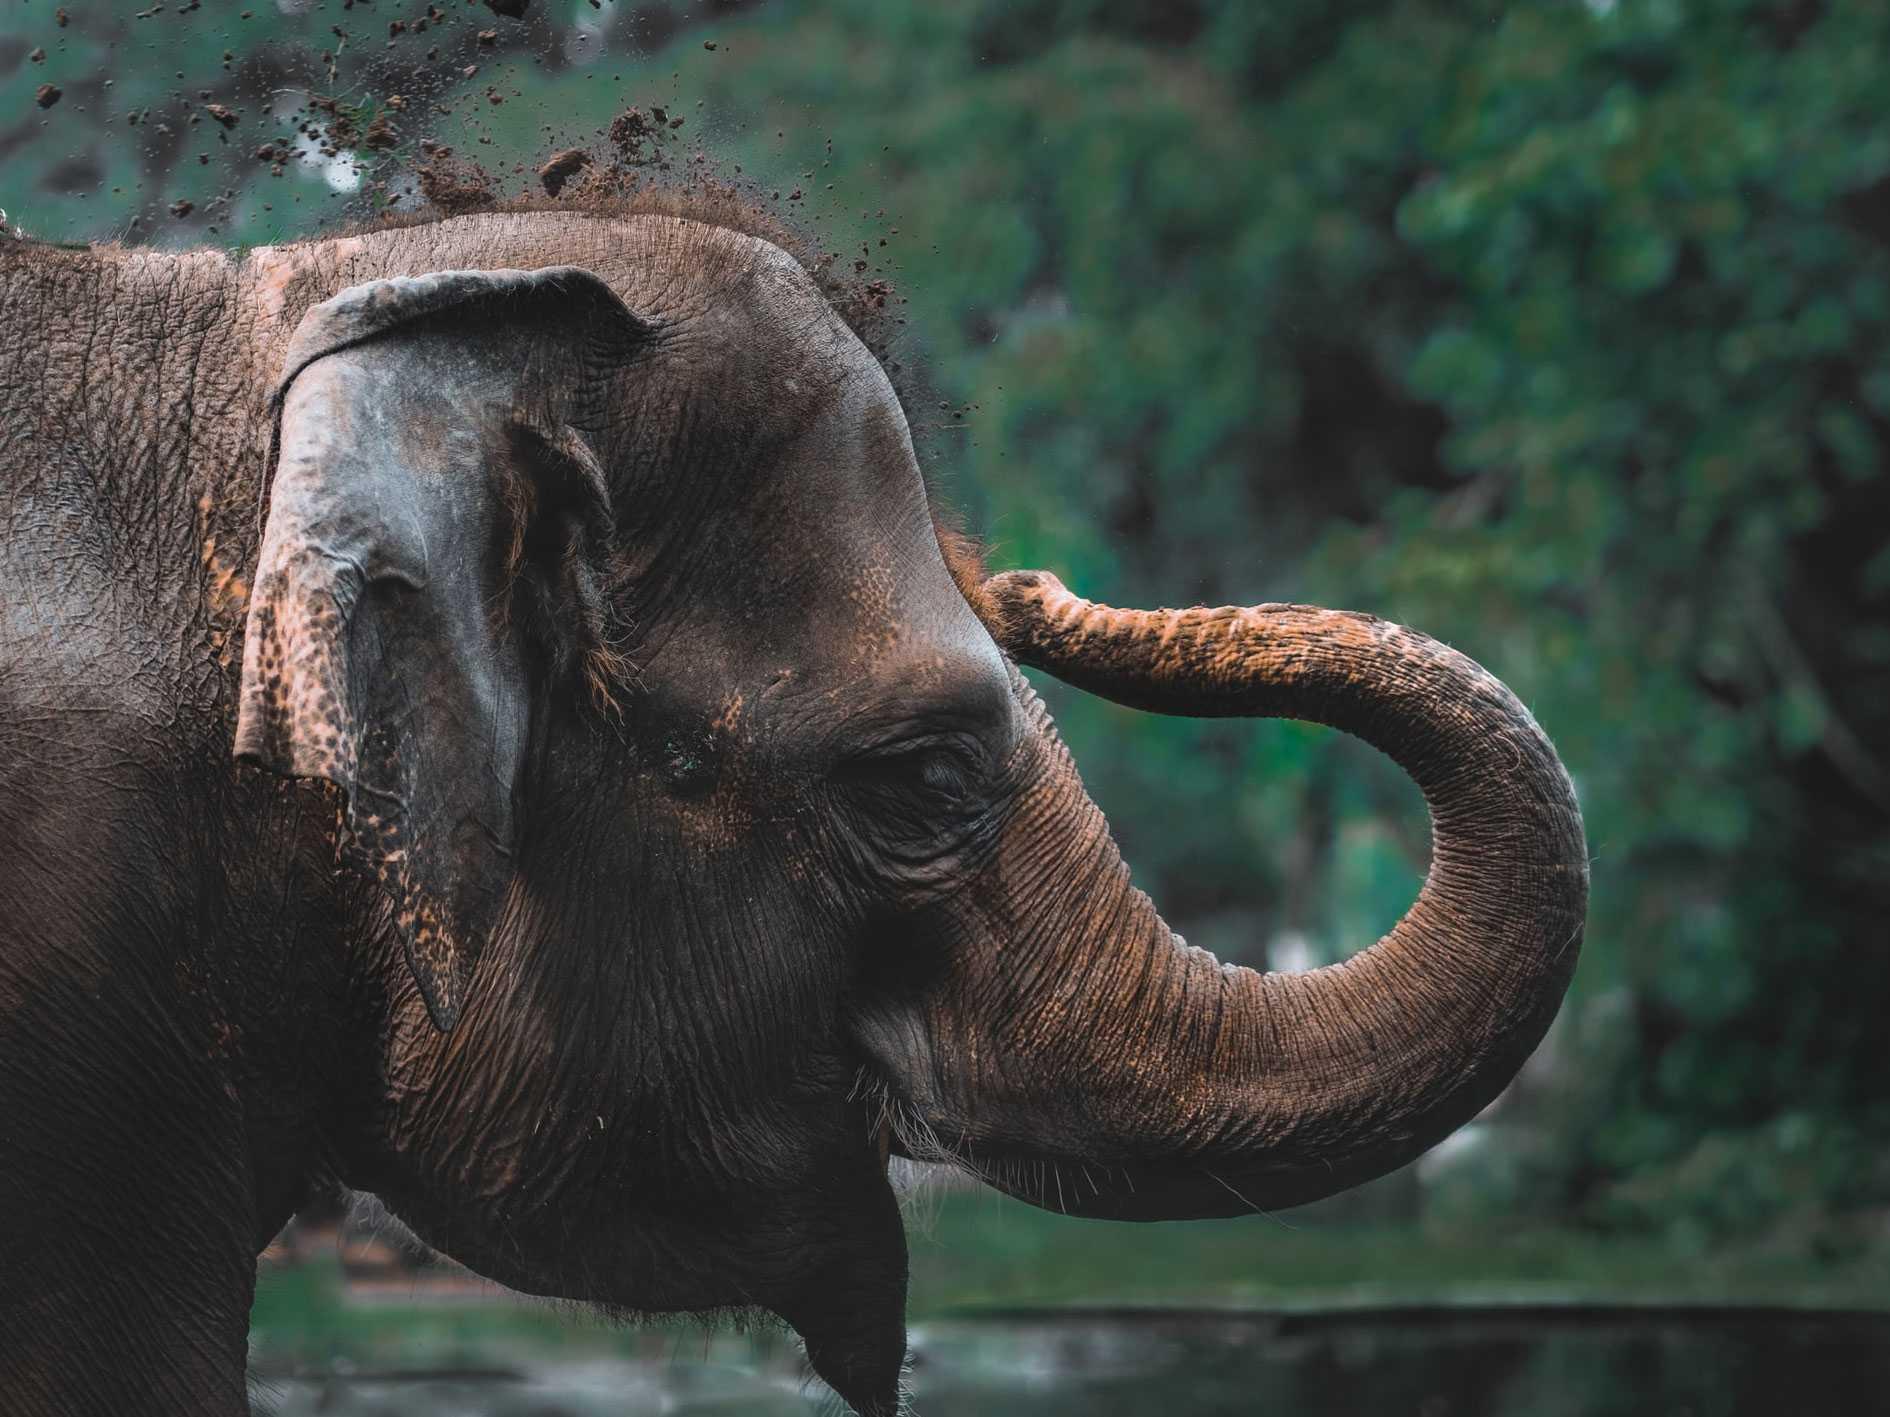 چگونه یک فیل را بخوریم؟